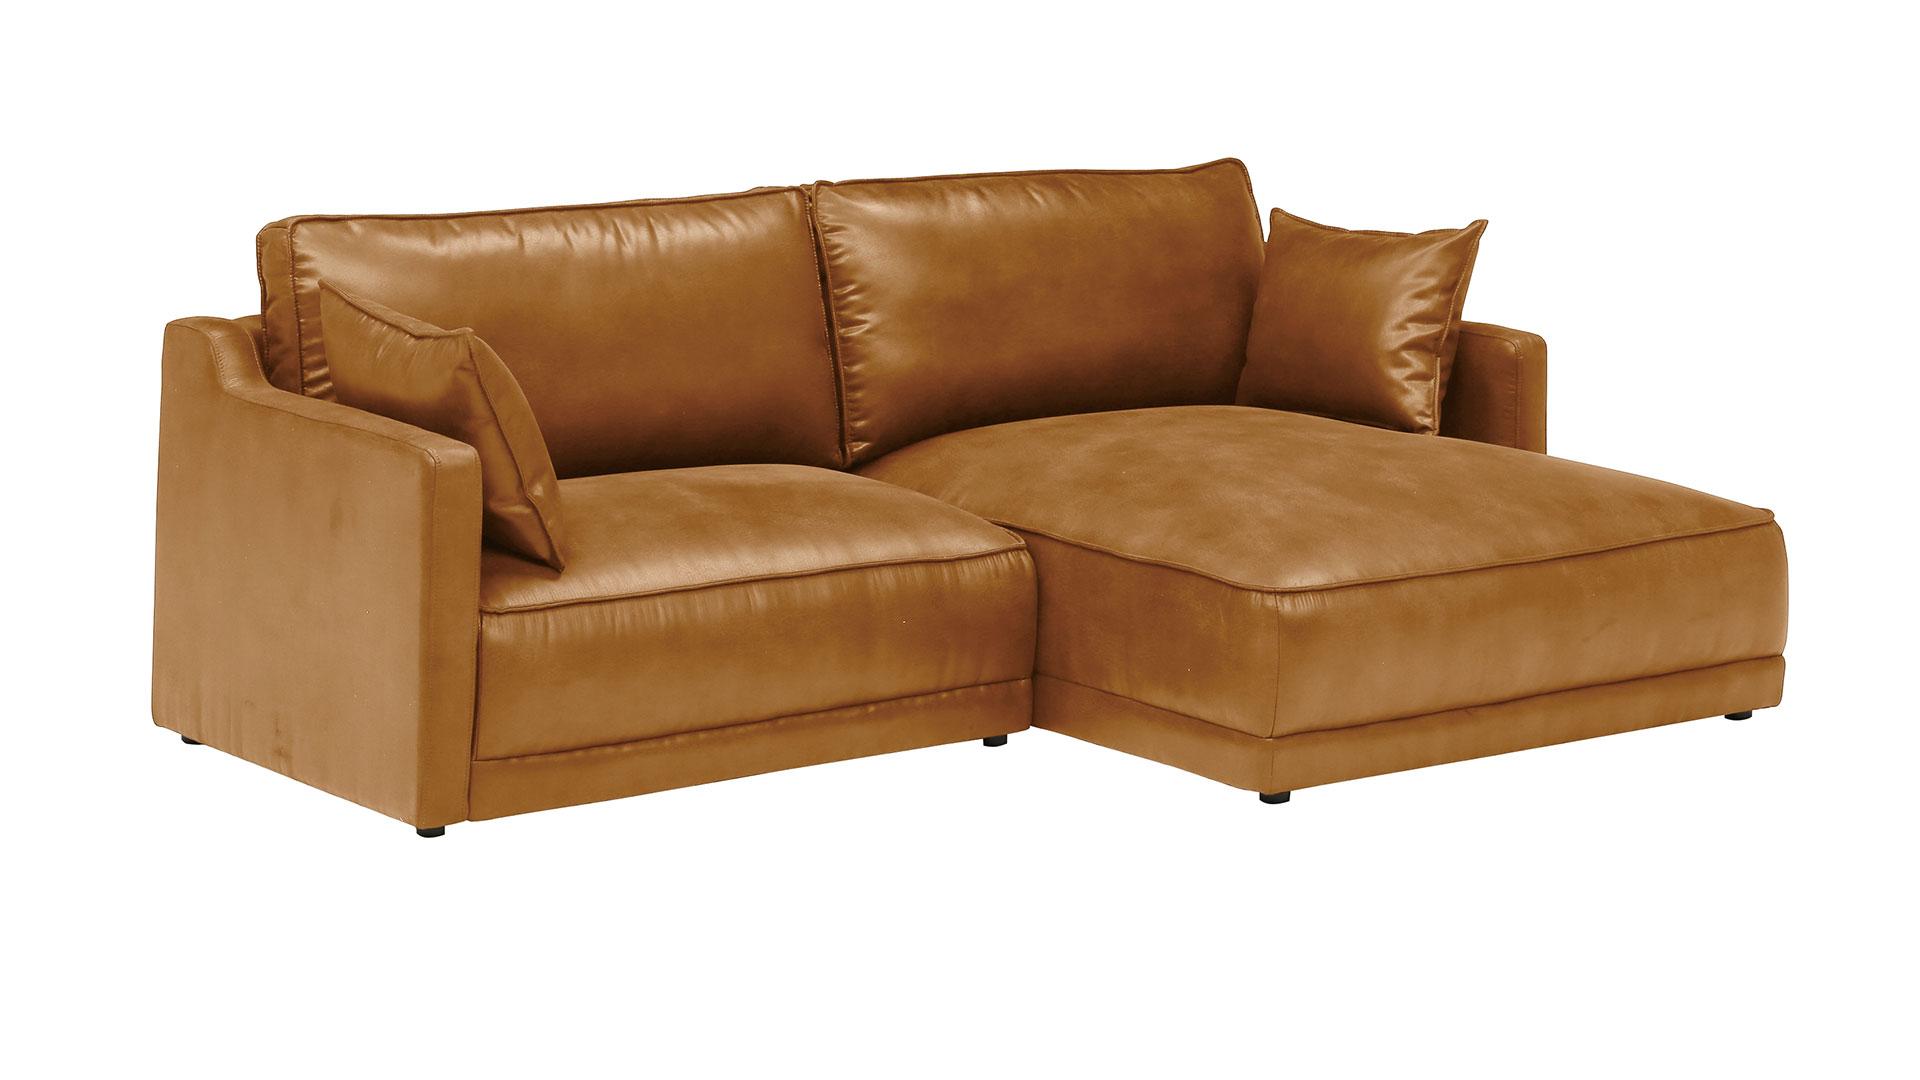 リビンズのレザーテックスを使用した横幅230㎝のL字型のソファのキャメル色の画像